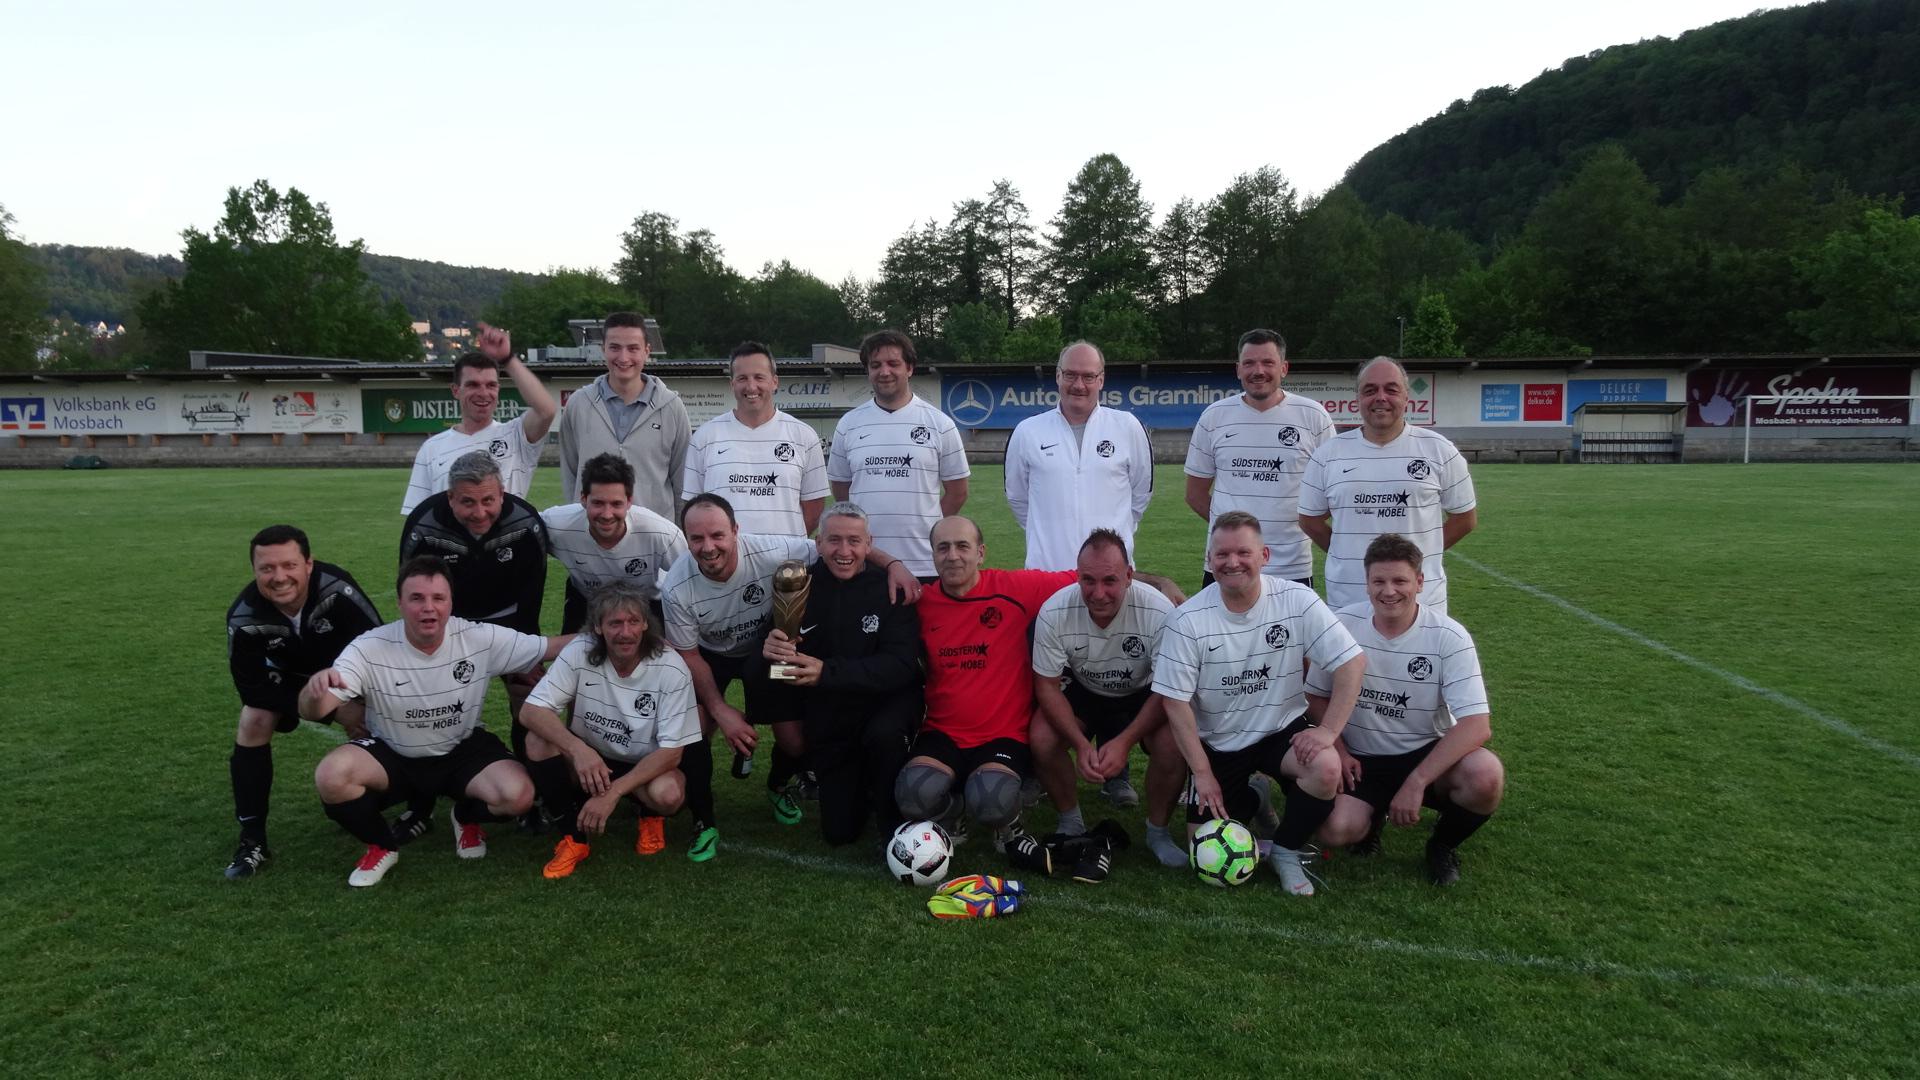 U Fussball Manner Badischer Fussballverband E V